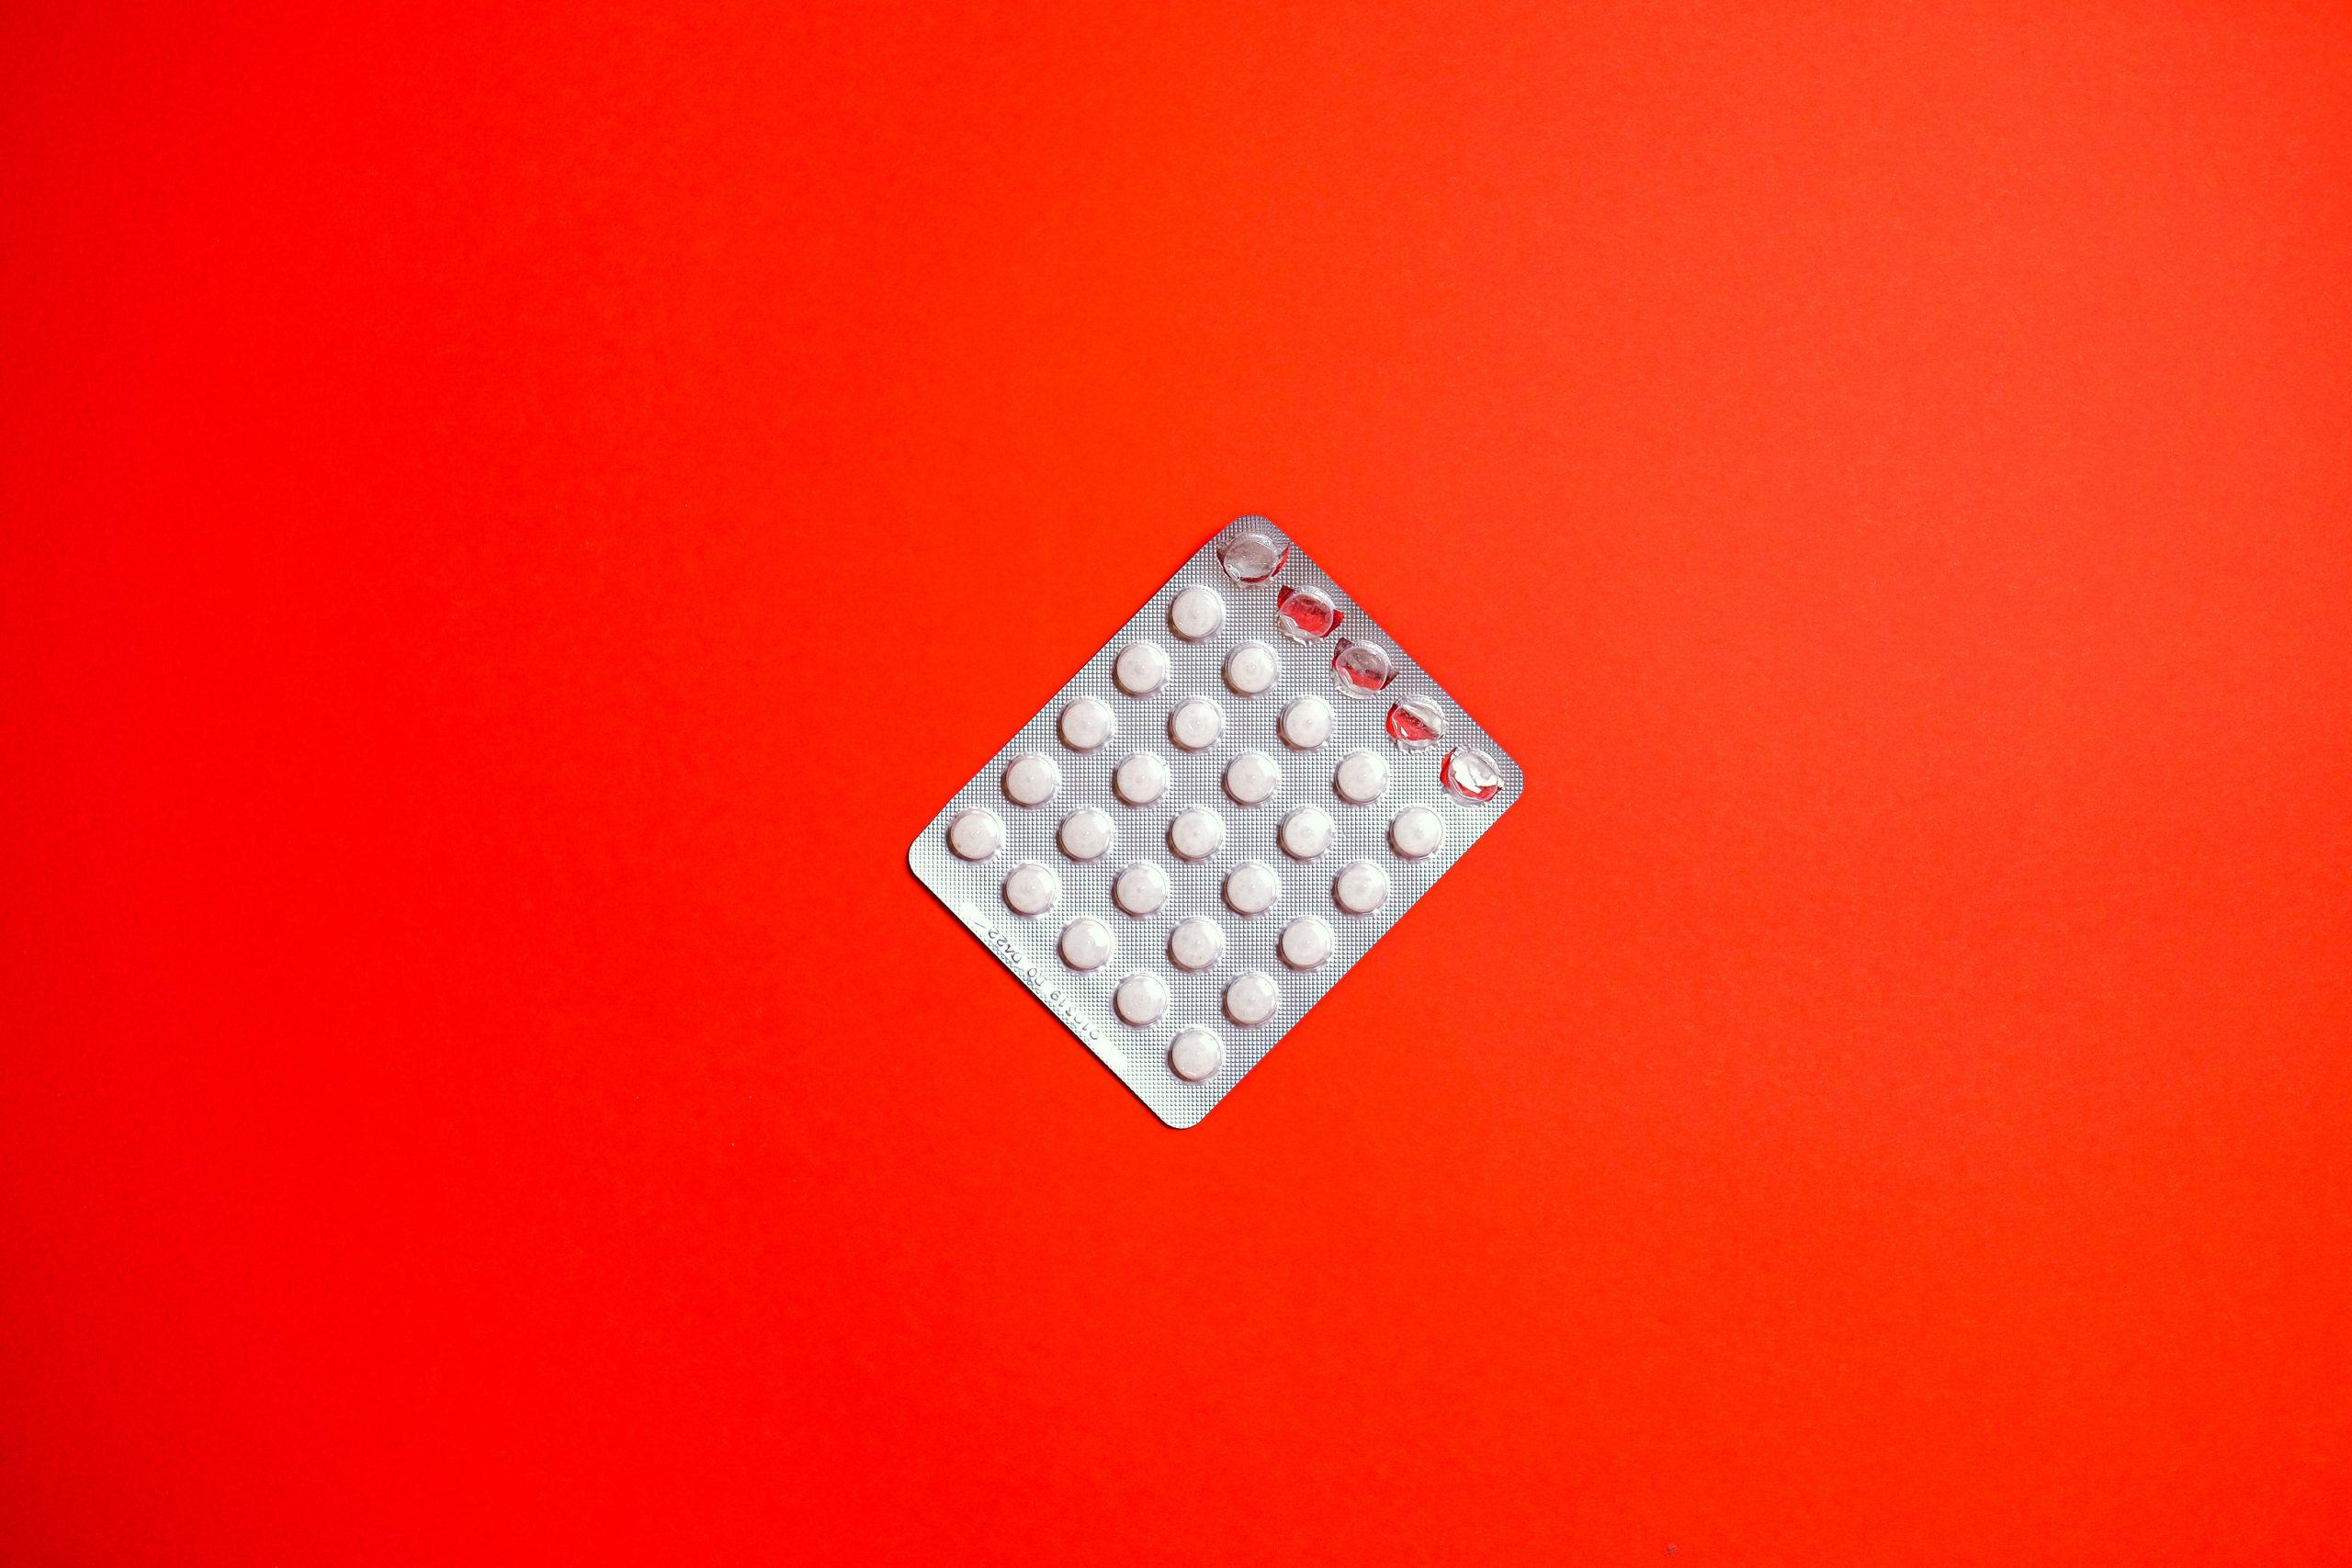 Opioid prescribing conundrums in the era of health care reform